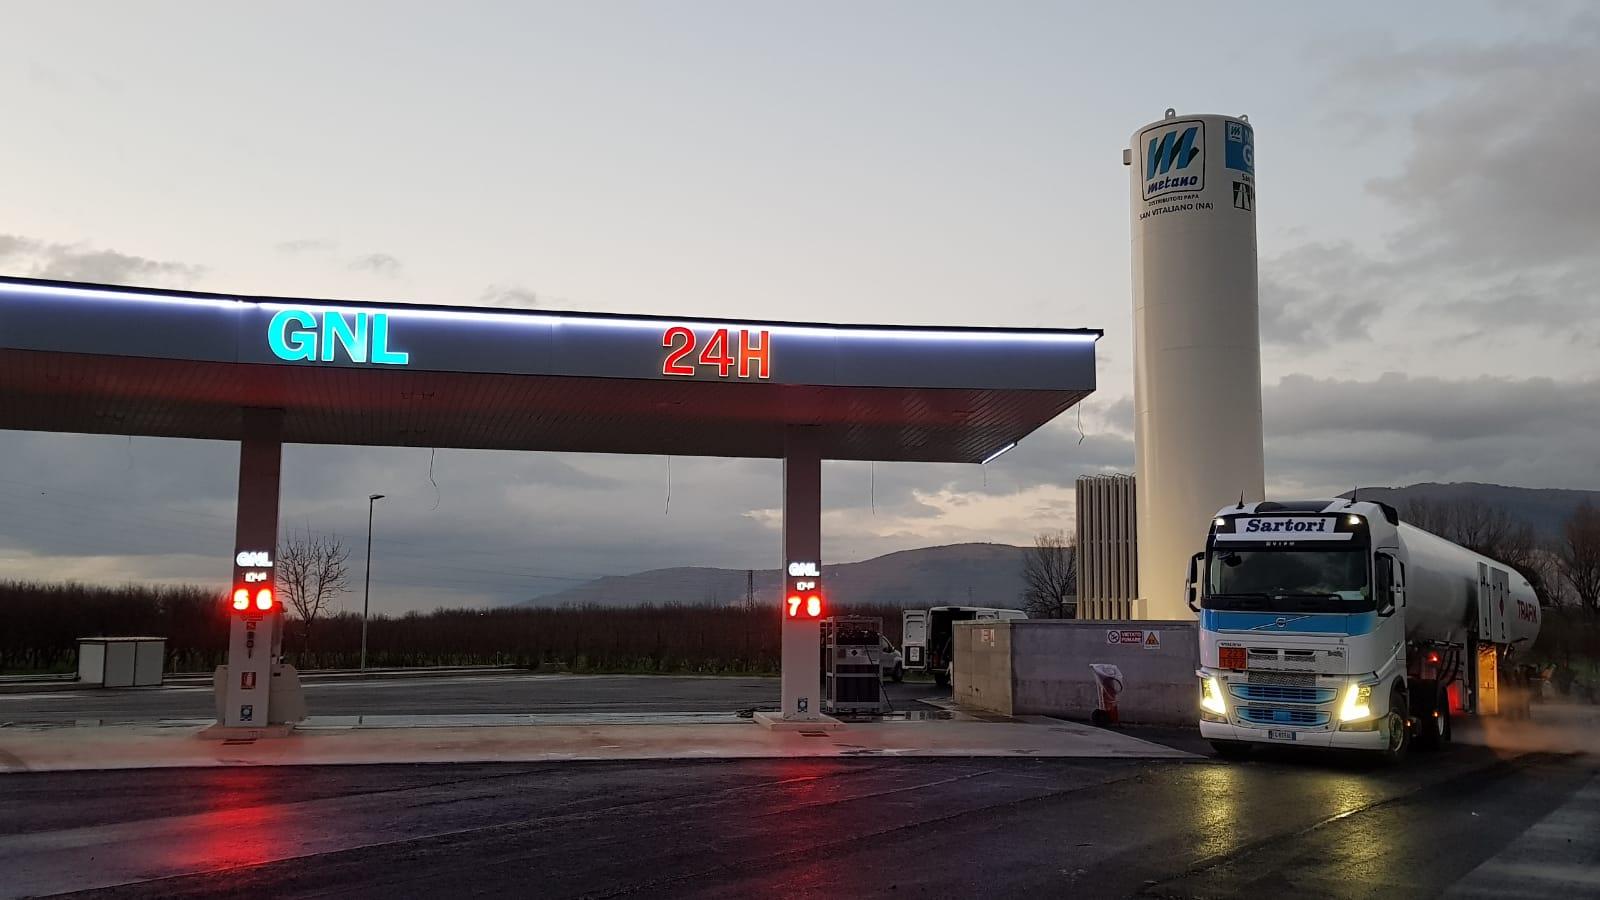 Il GNL a Trento: inaugurata la nuova stazione di servizio di Delta Energy realizzata da Tecnogas